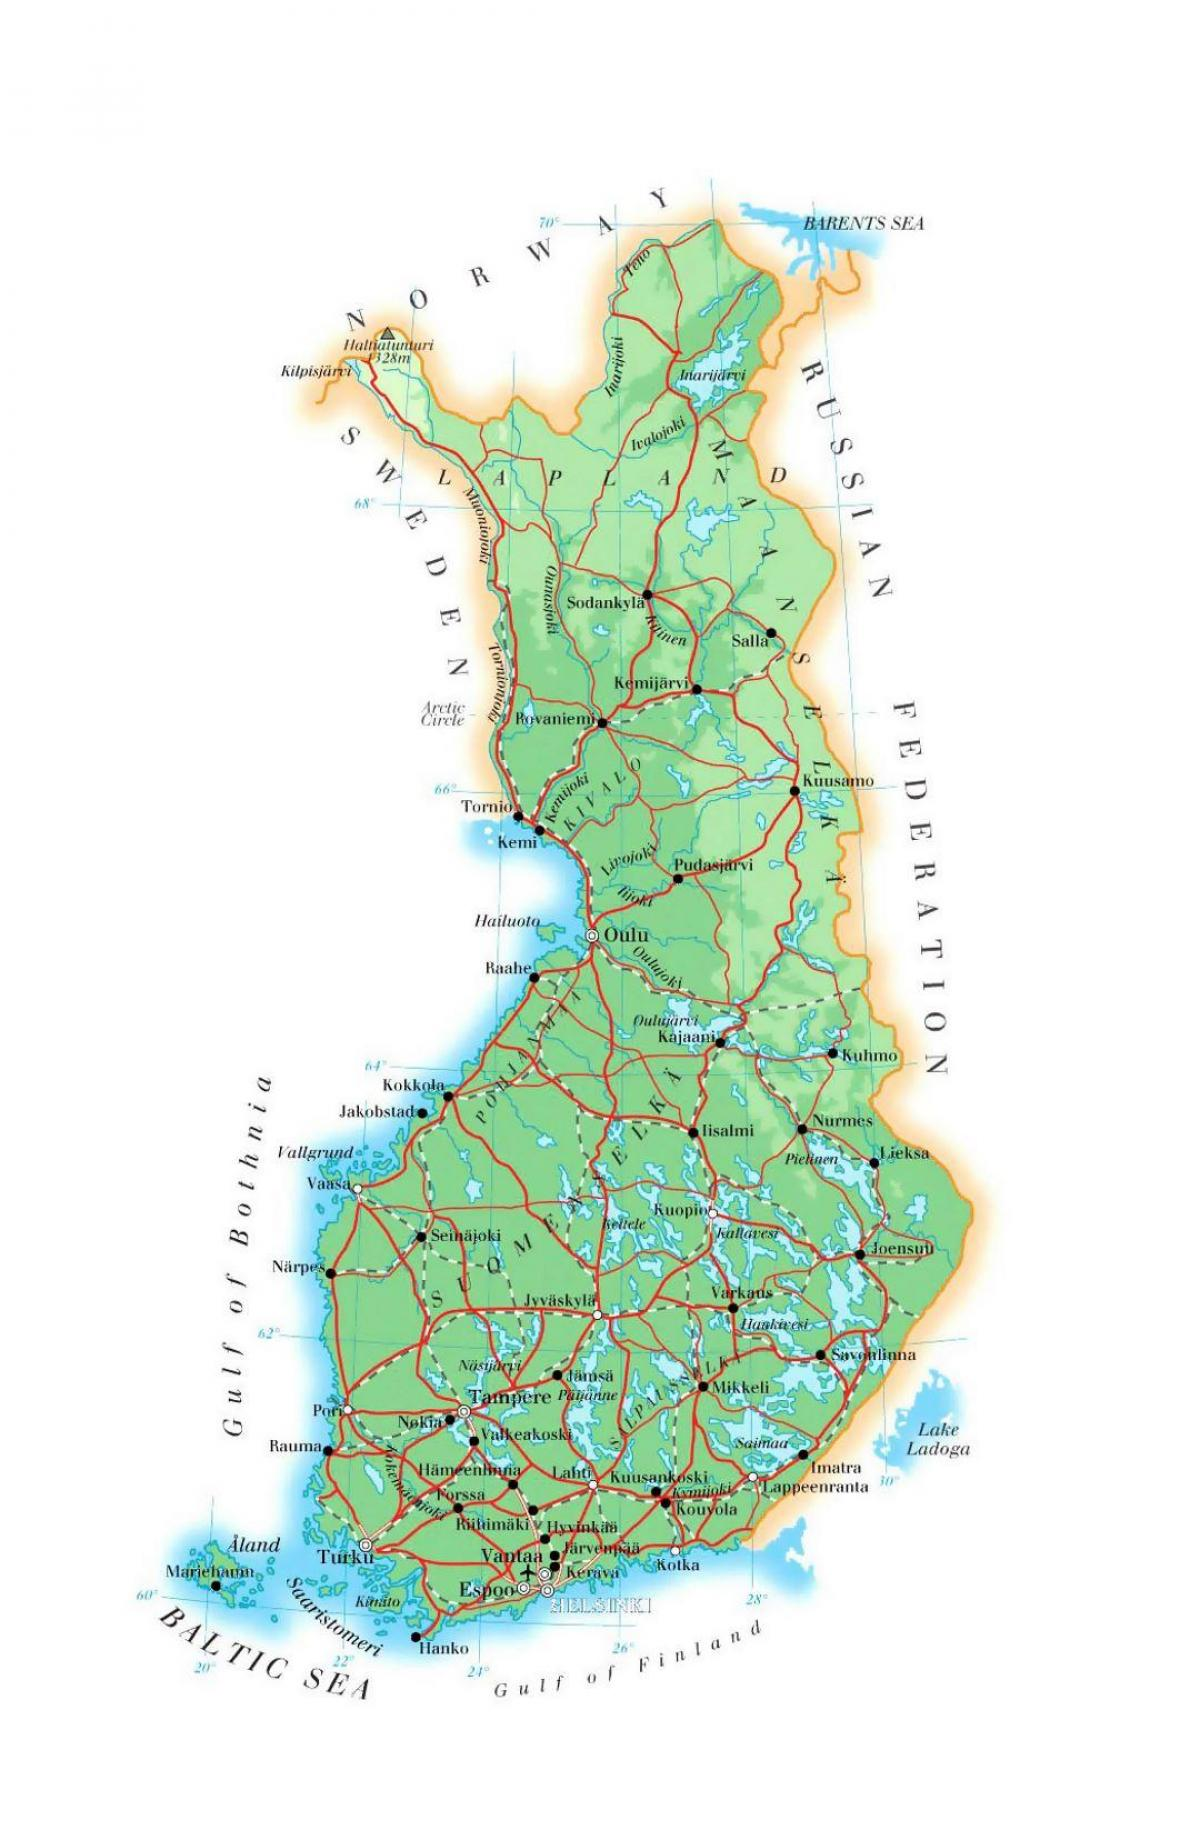 Suomen Elevation Map Kartta Suomessa Korkeus Pohjois Eurooppa